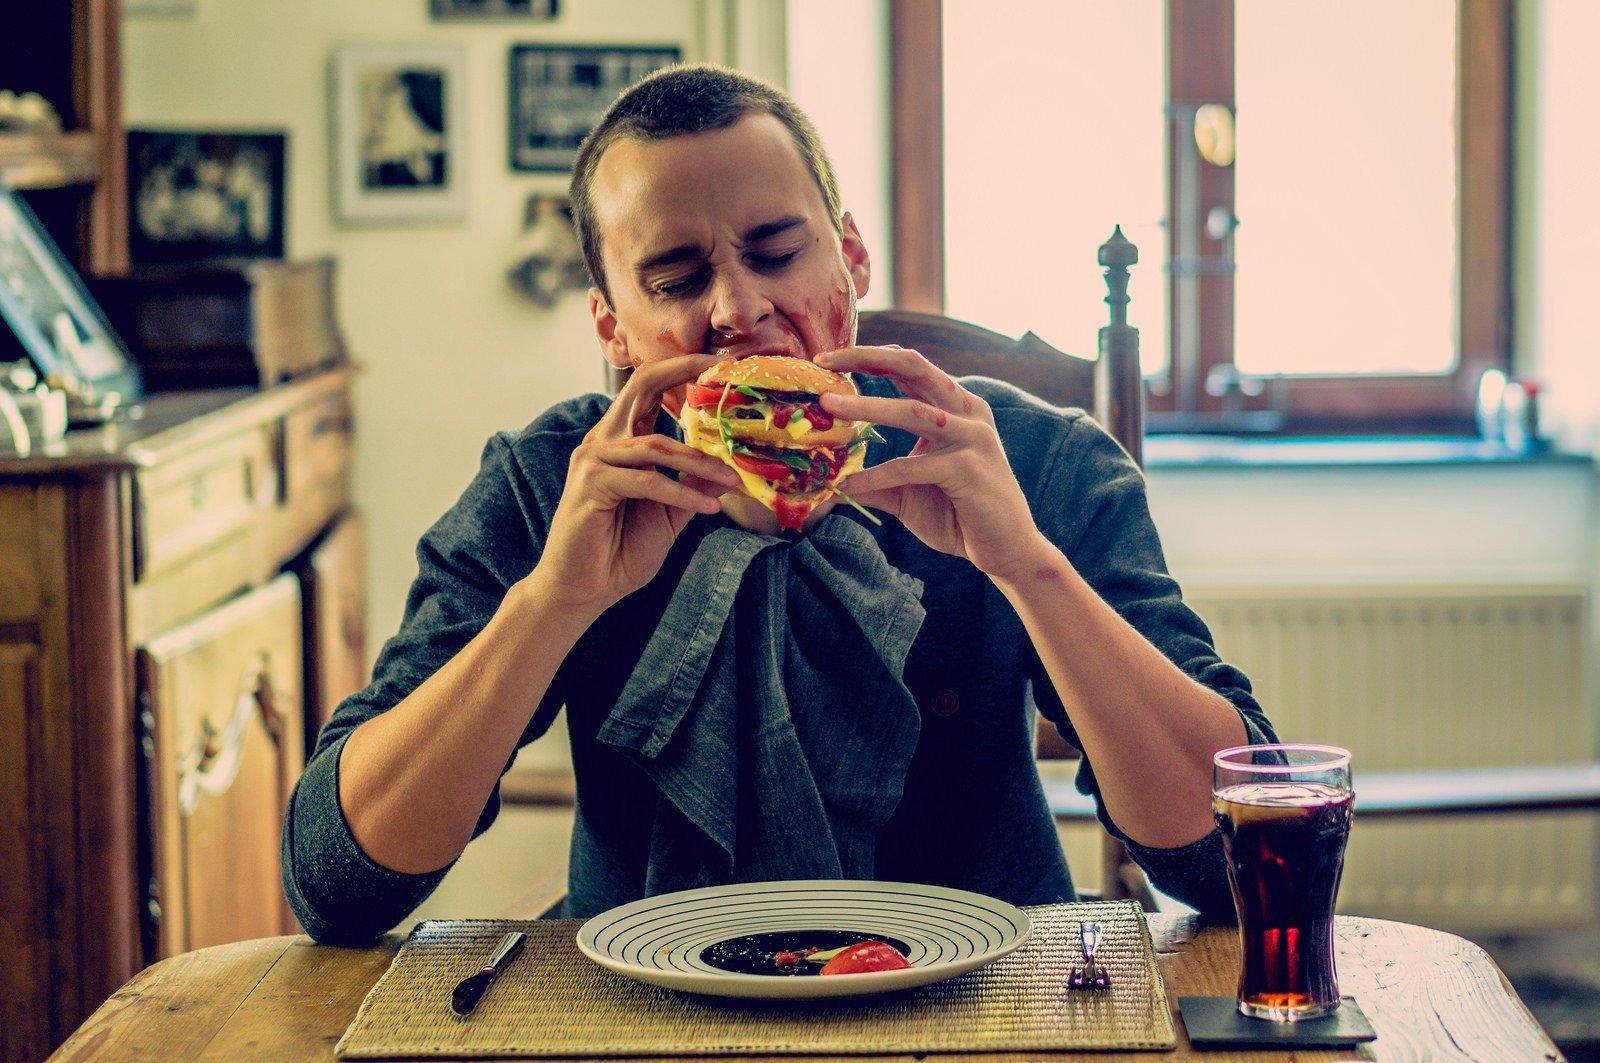 потолочный способ картинки про голодных людей наиболее